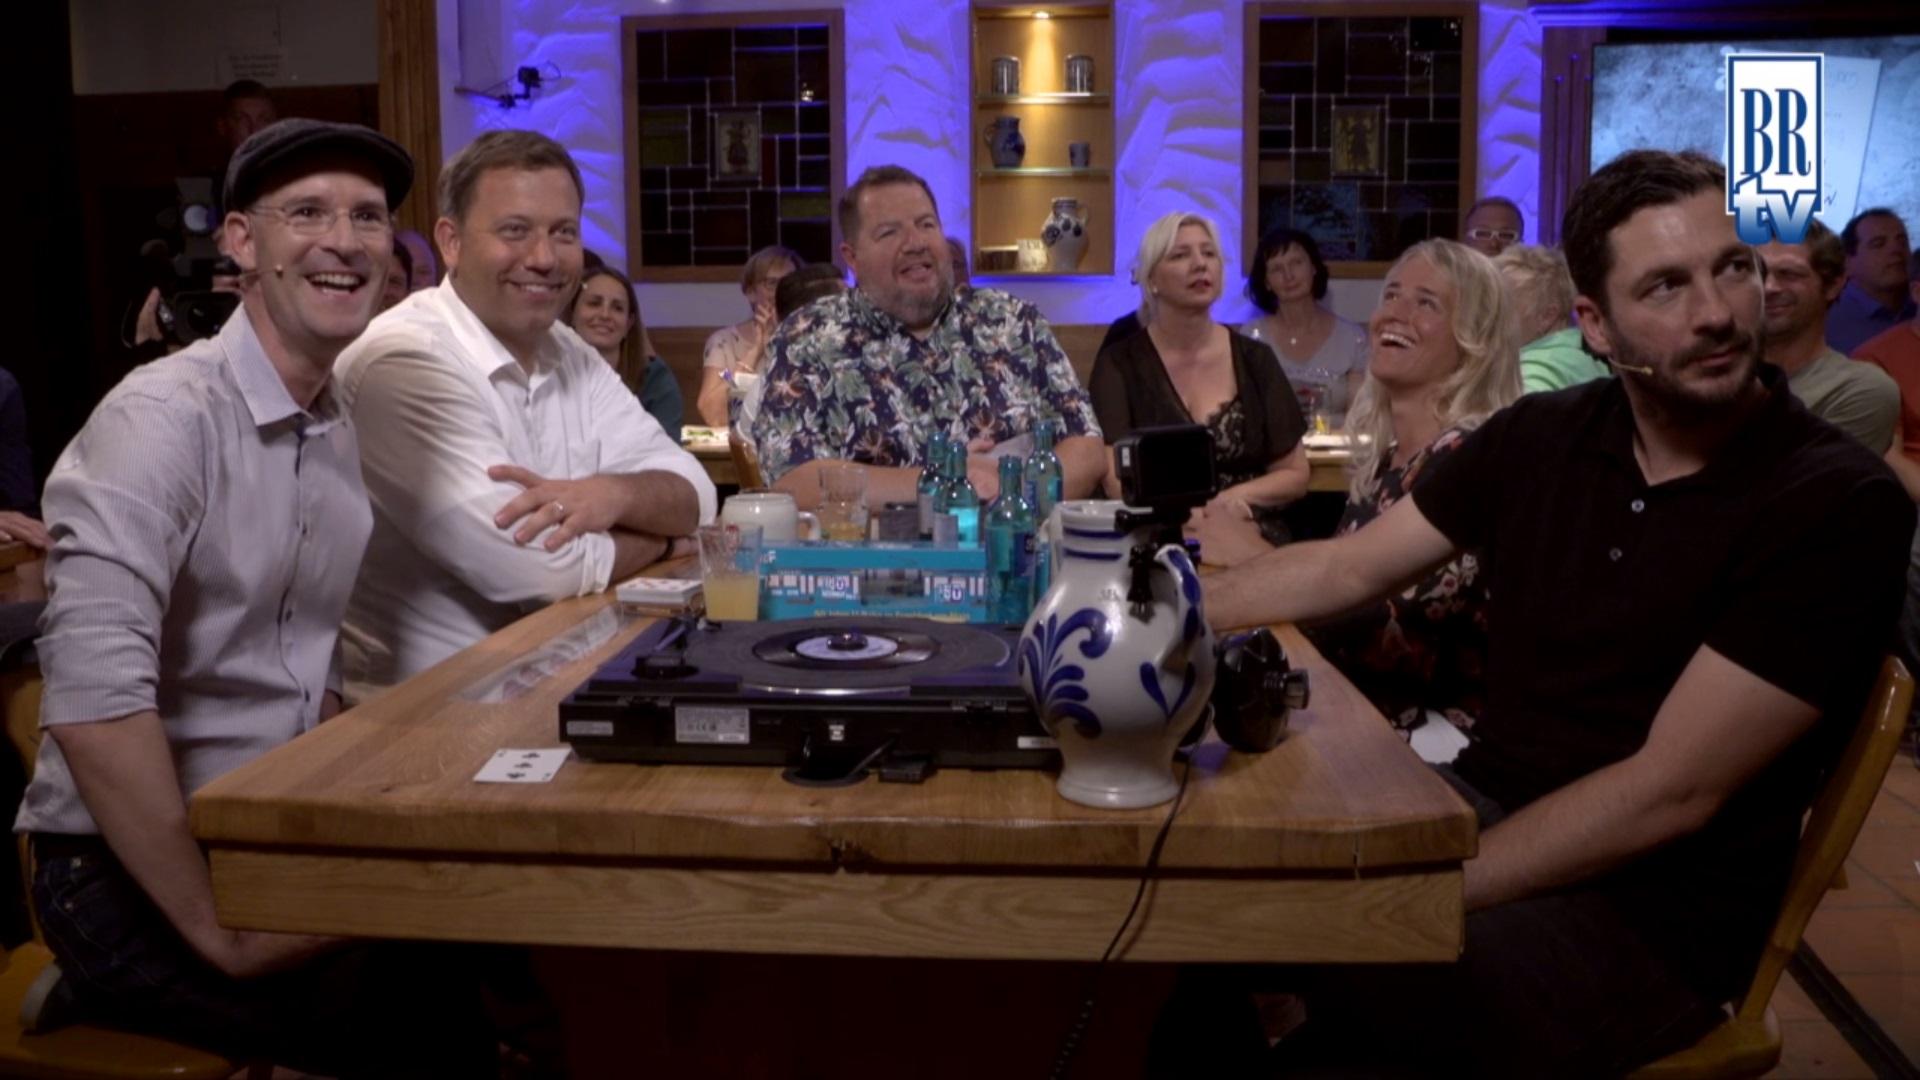 Bembel & Gebabbel – Folge 47 mit Lars Klingbeil, Verena Bentele, Sandro Schwarz & Pit Hartlingb